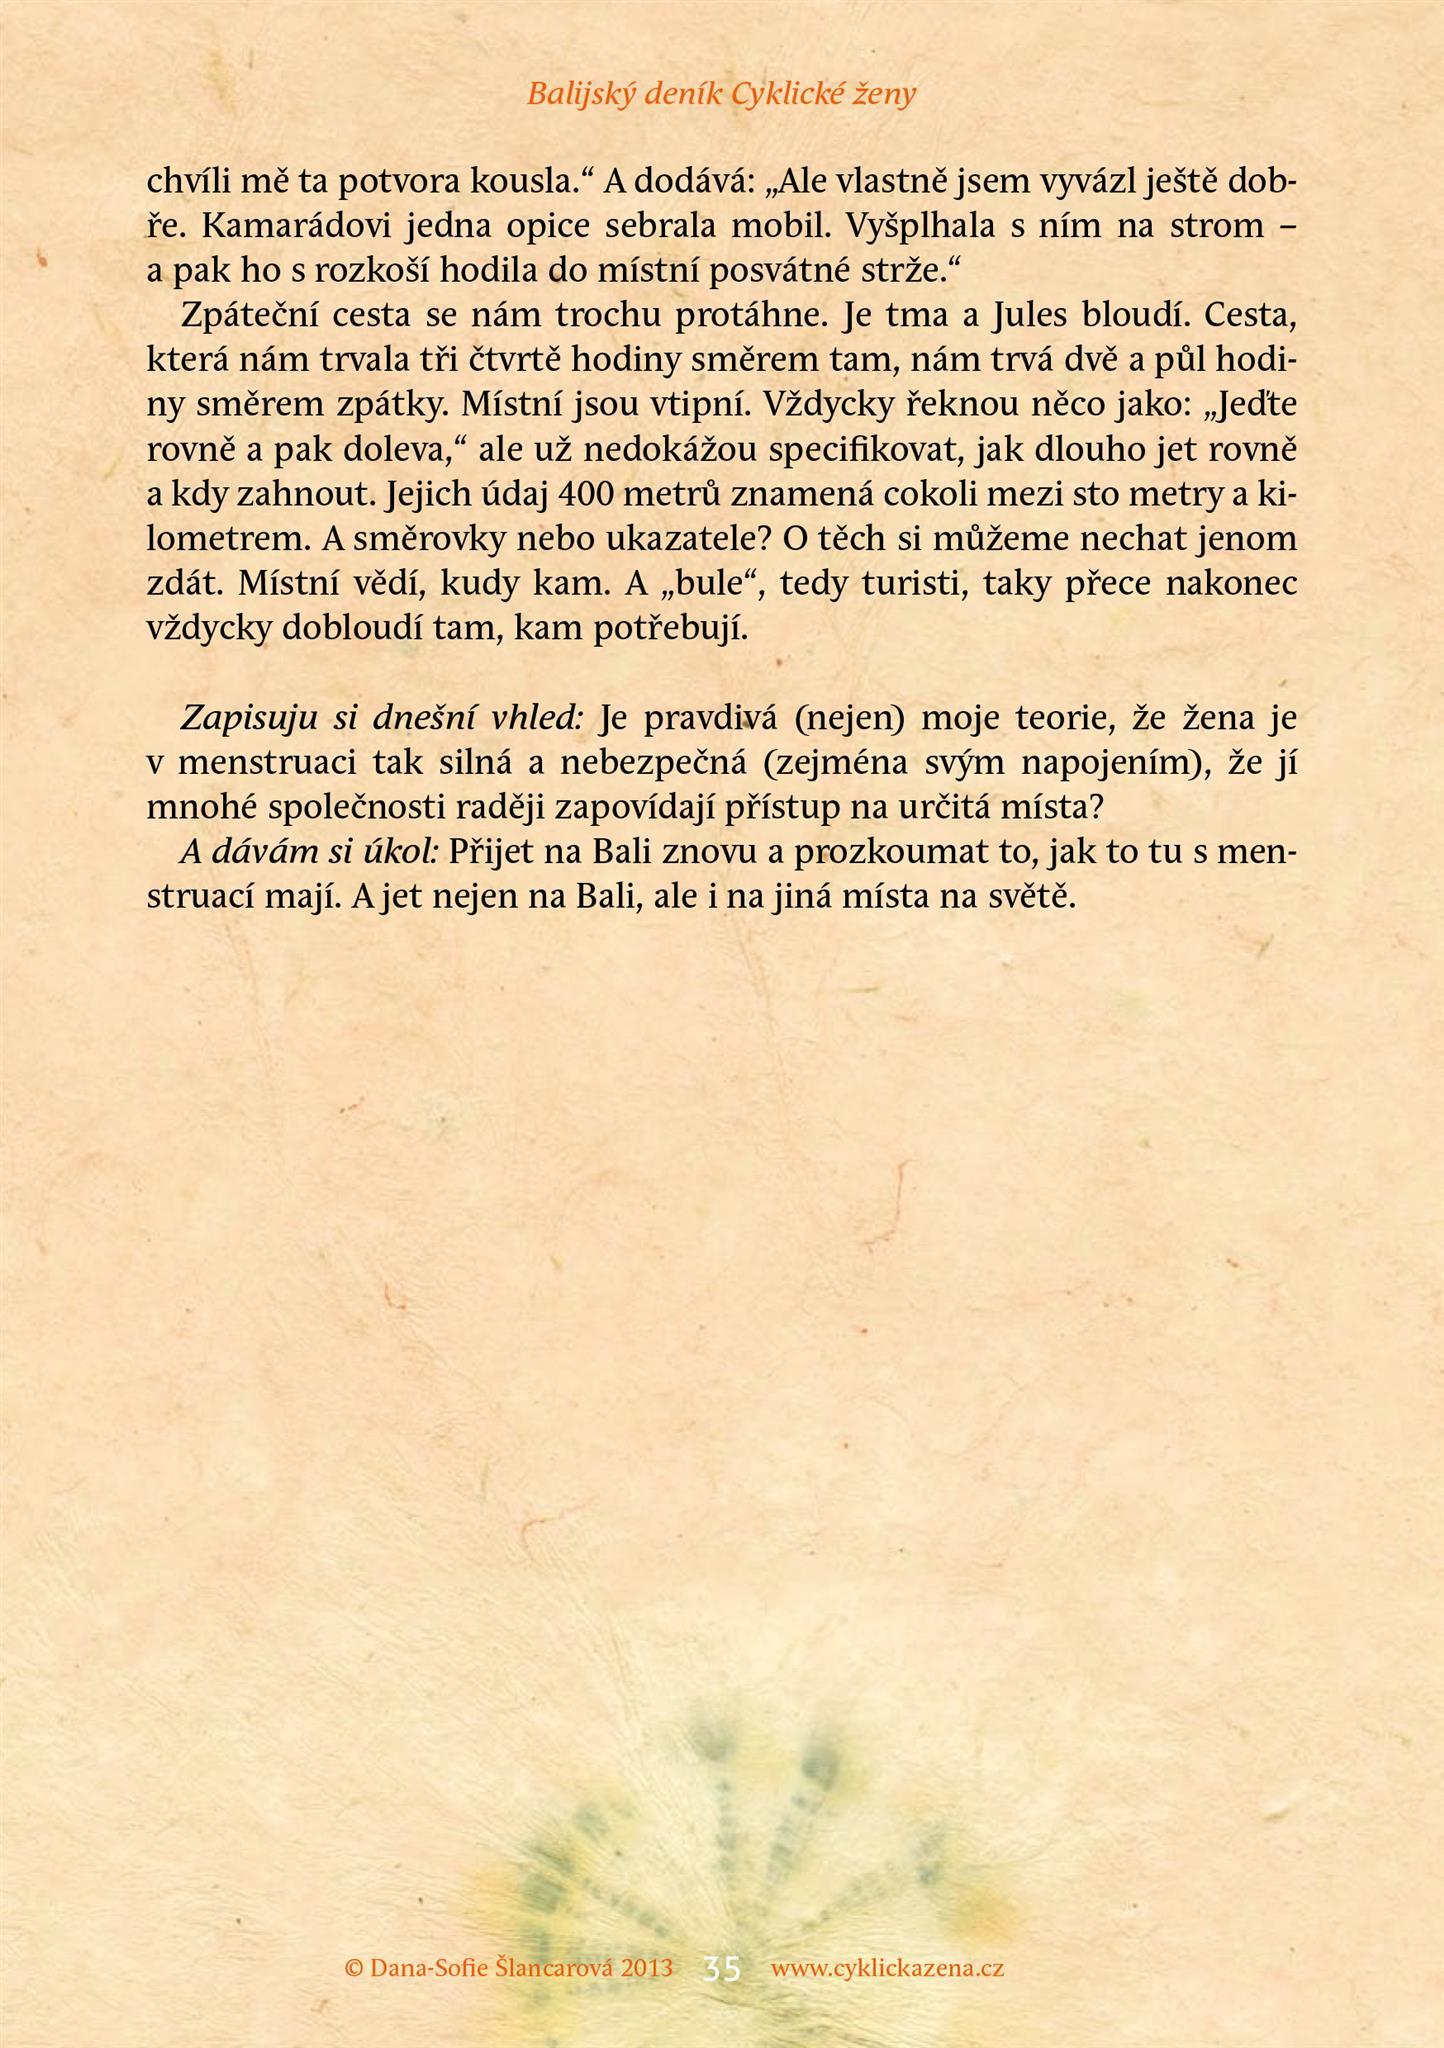 Balijský deník Cyklické ženy, str. 35